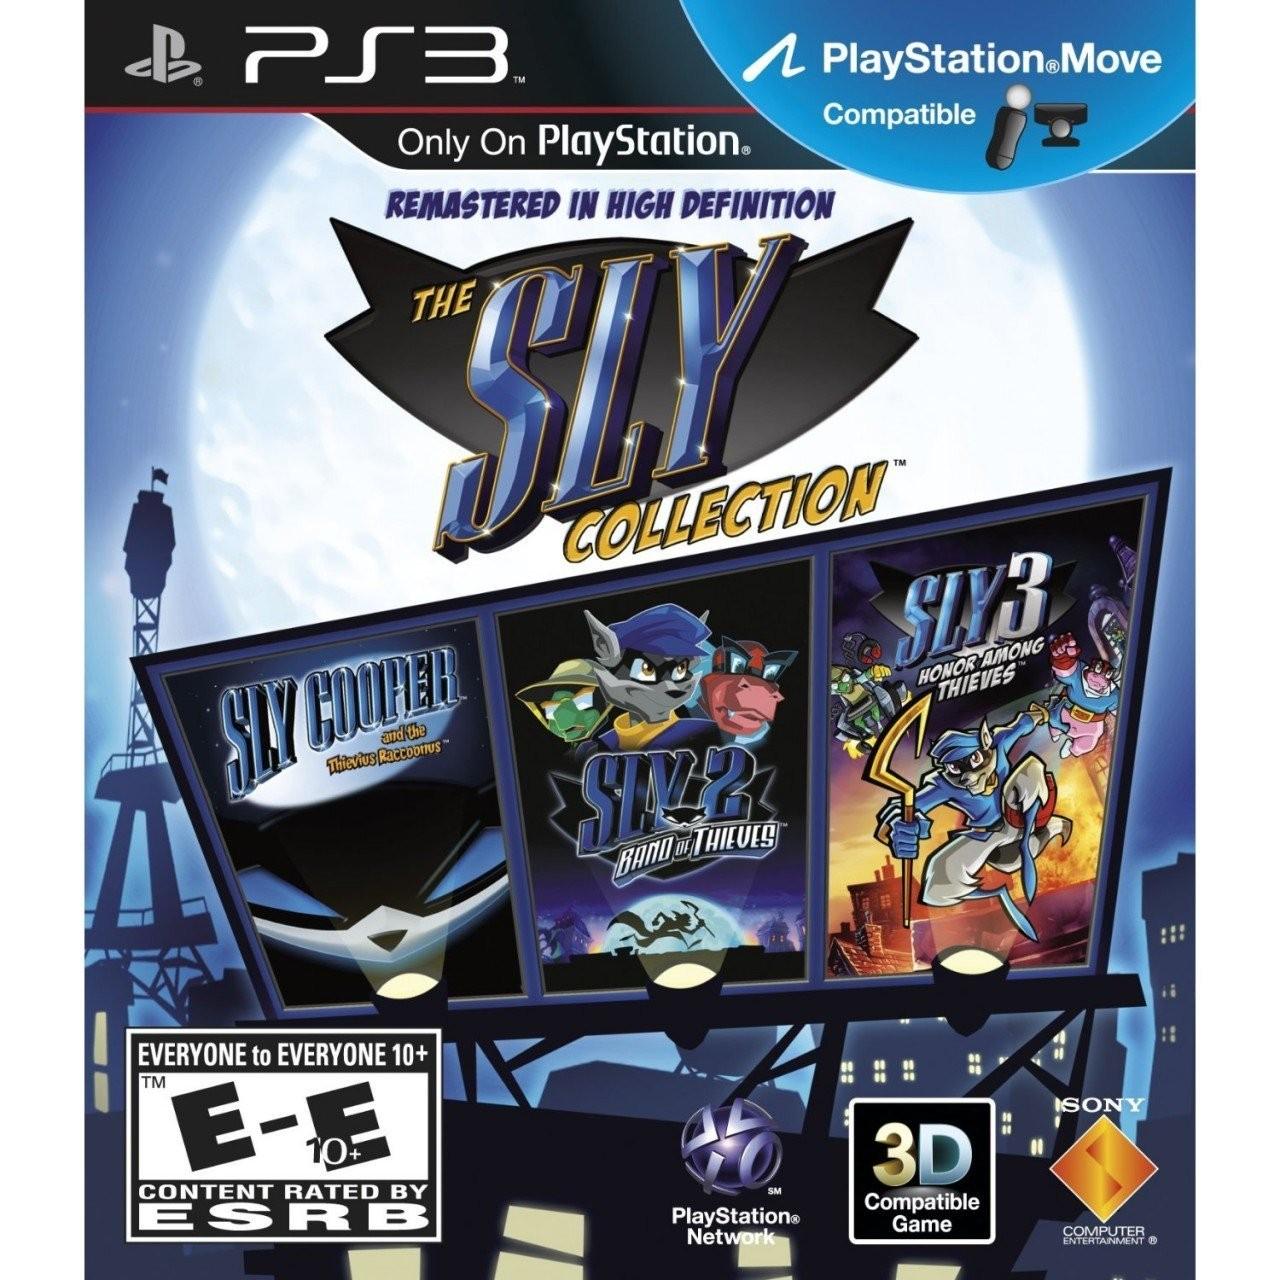 PS3. Colección de Sly Cooper por $3 dólares